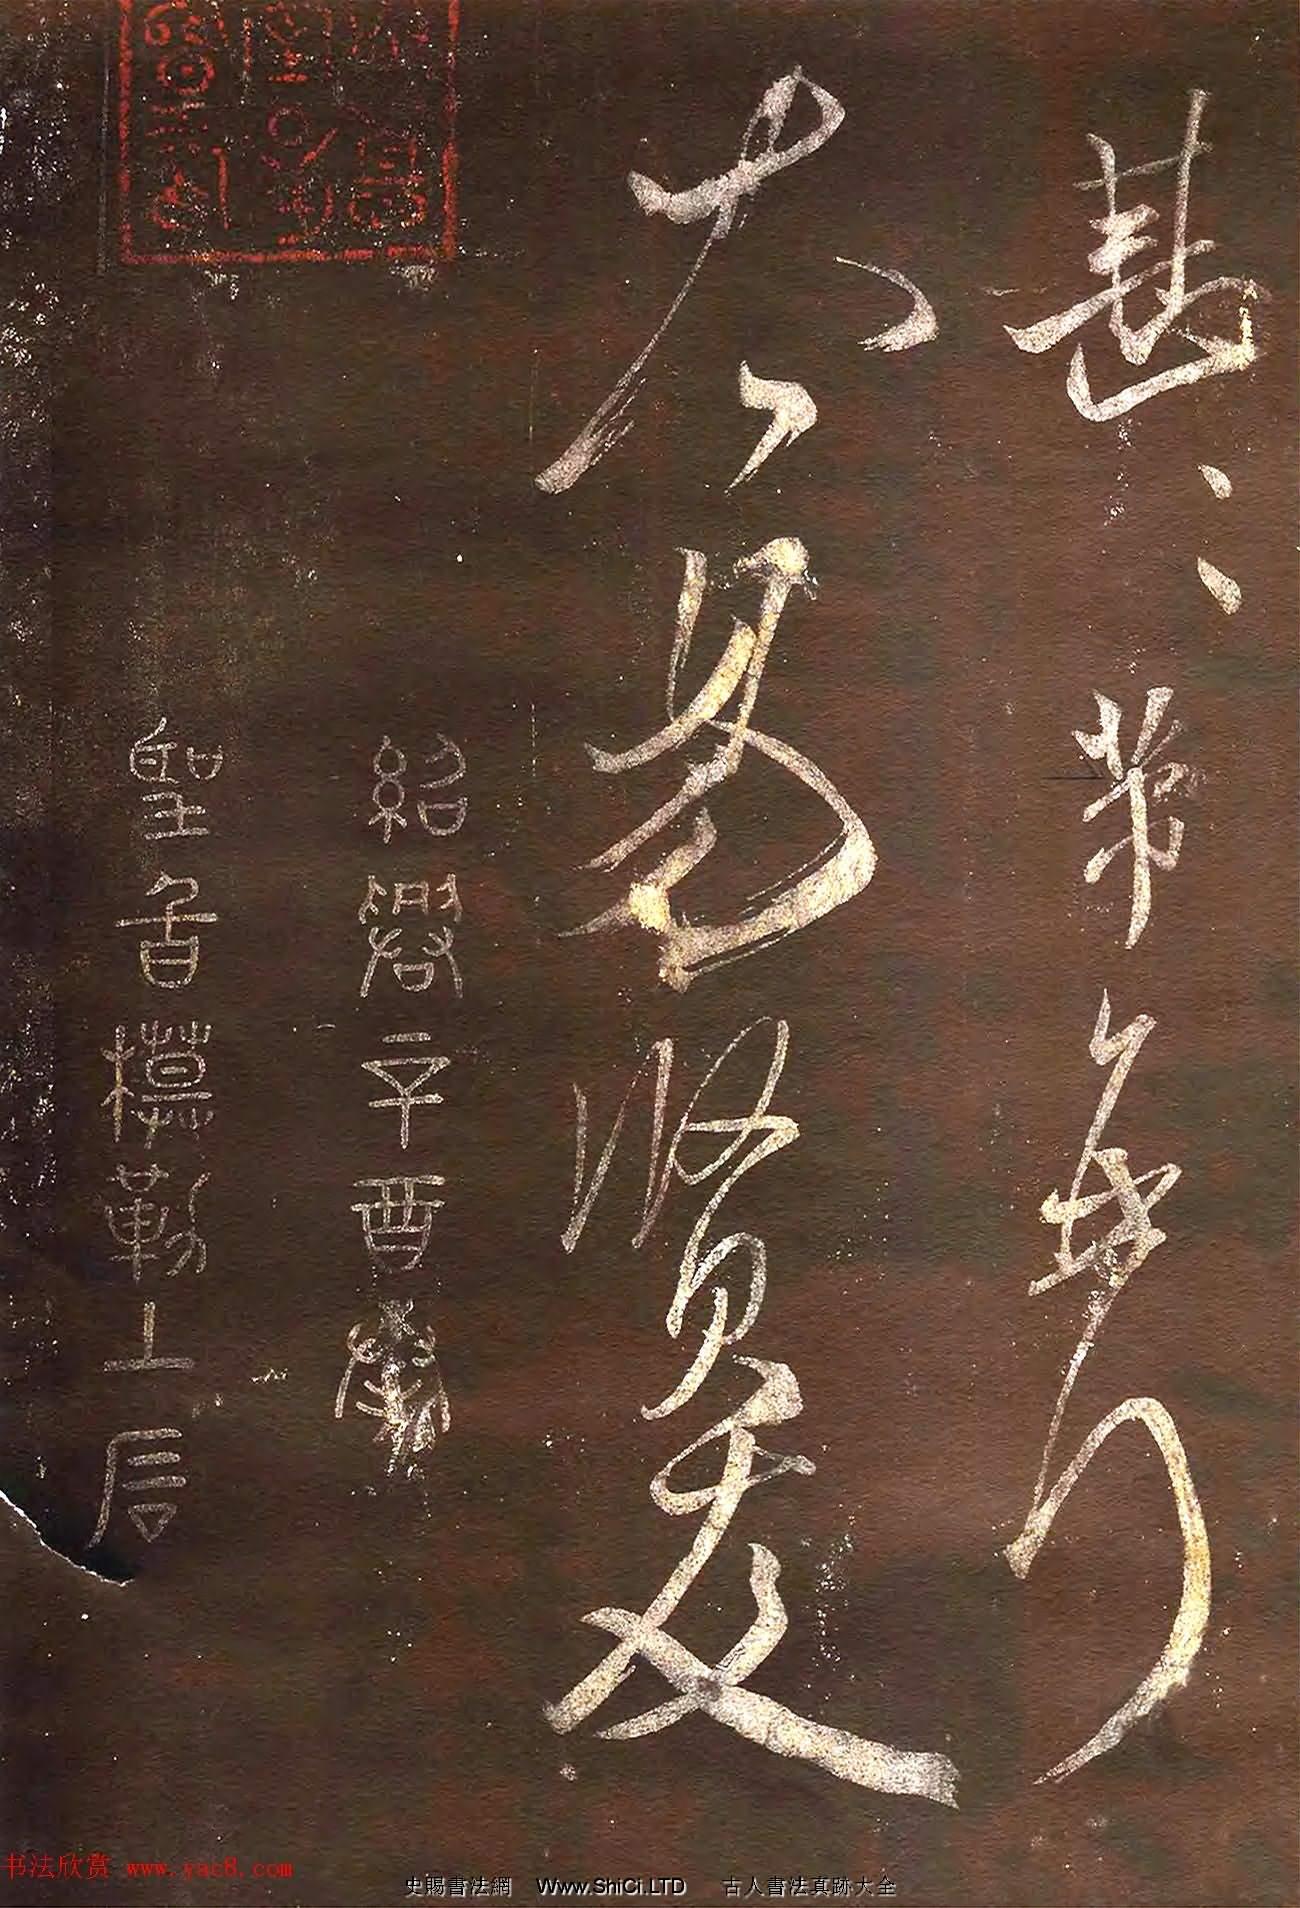 米芾53歲行書《英論帖》宋拓本